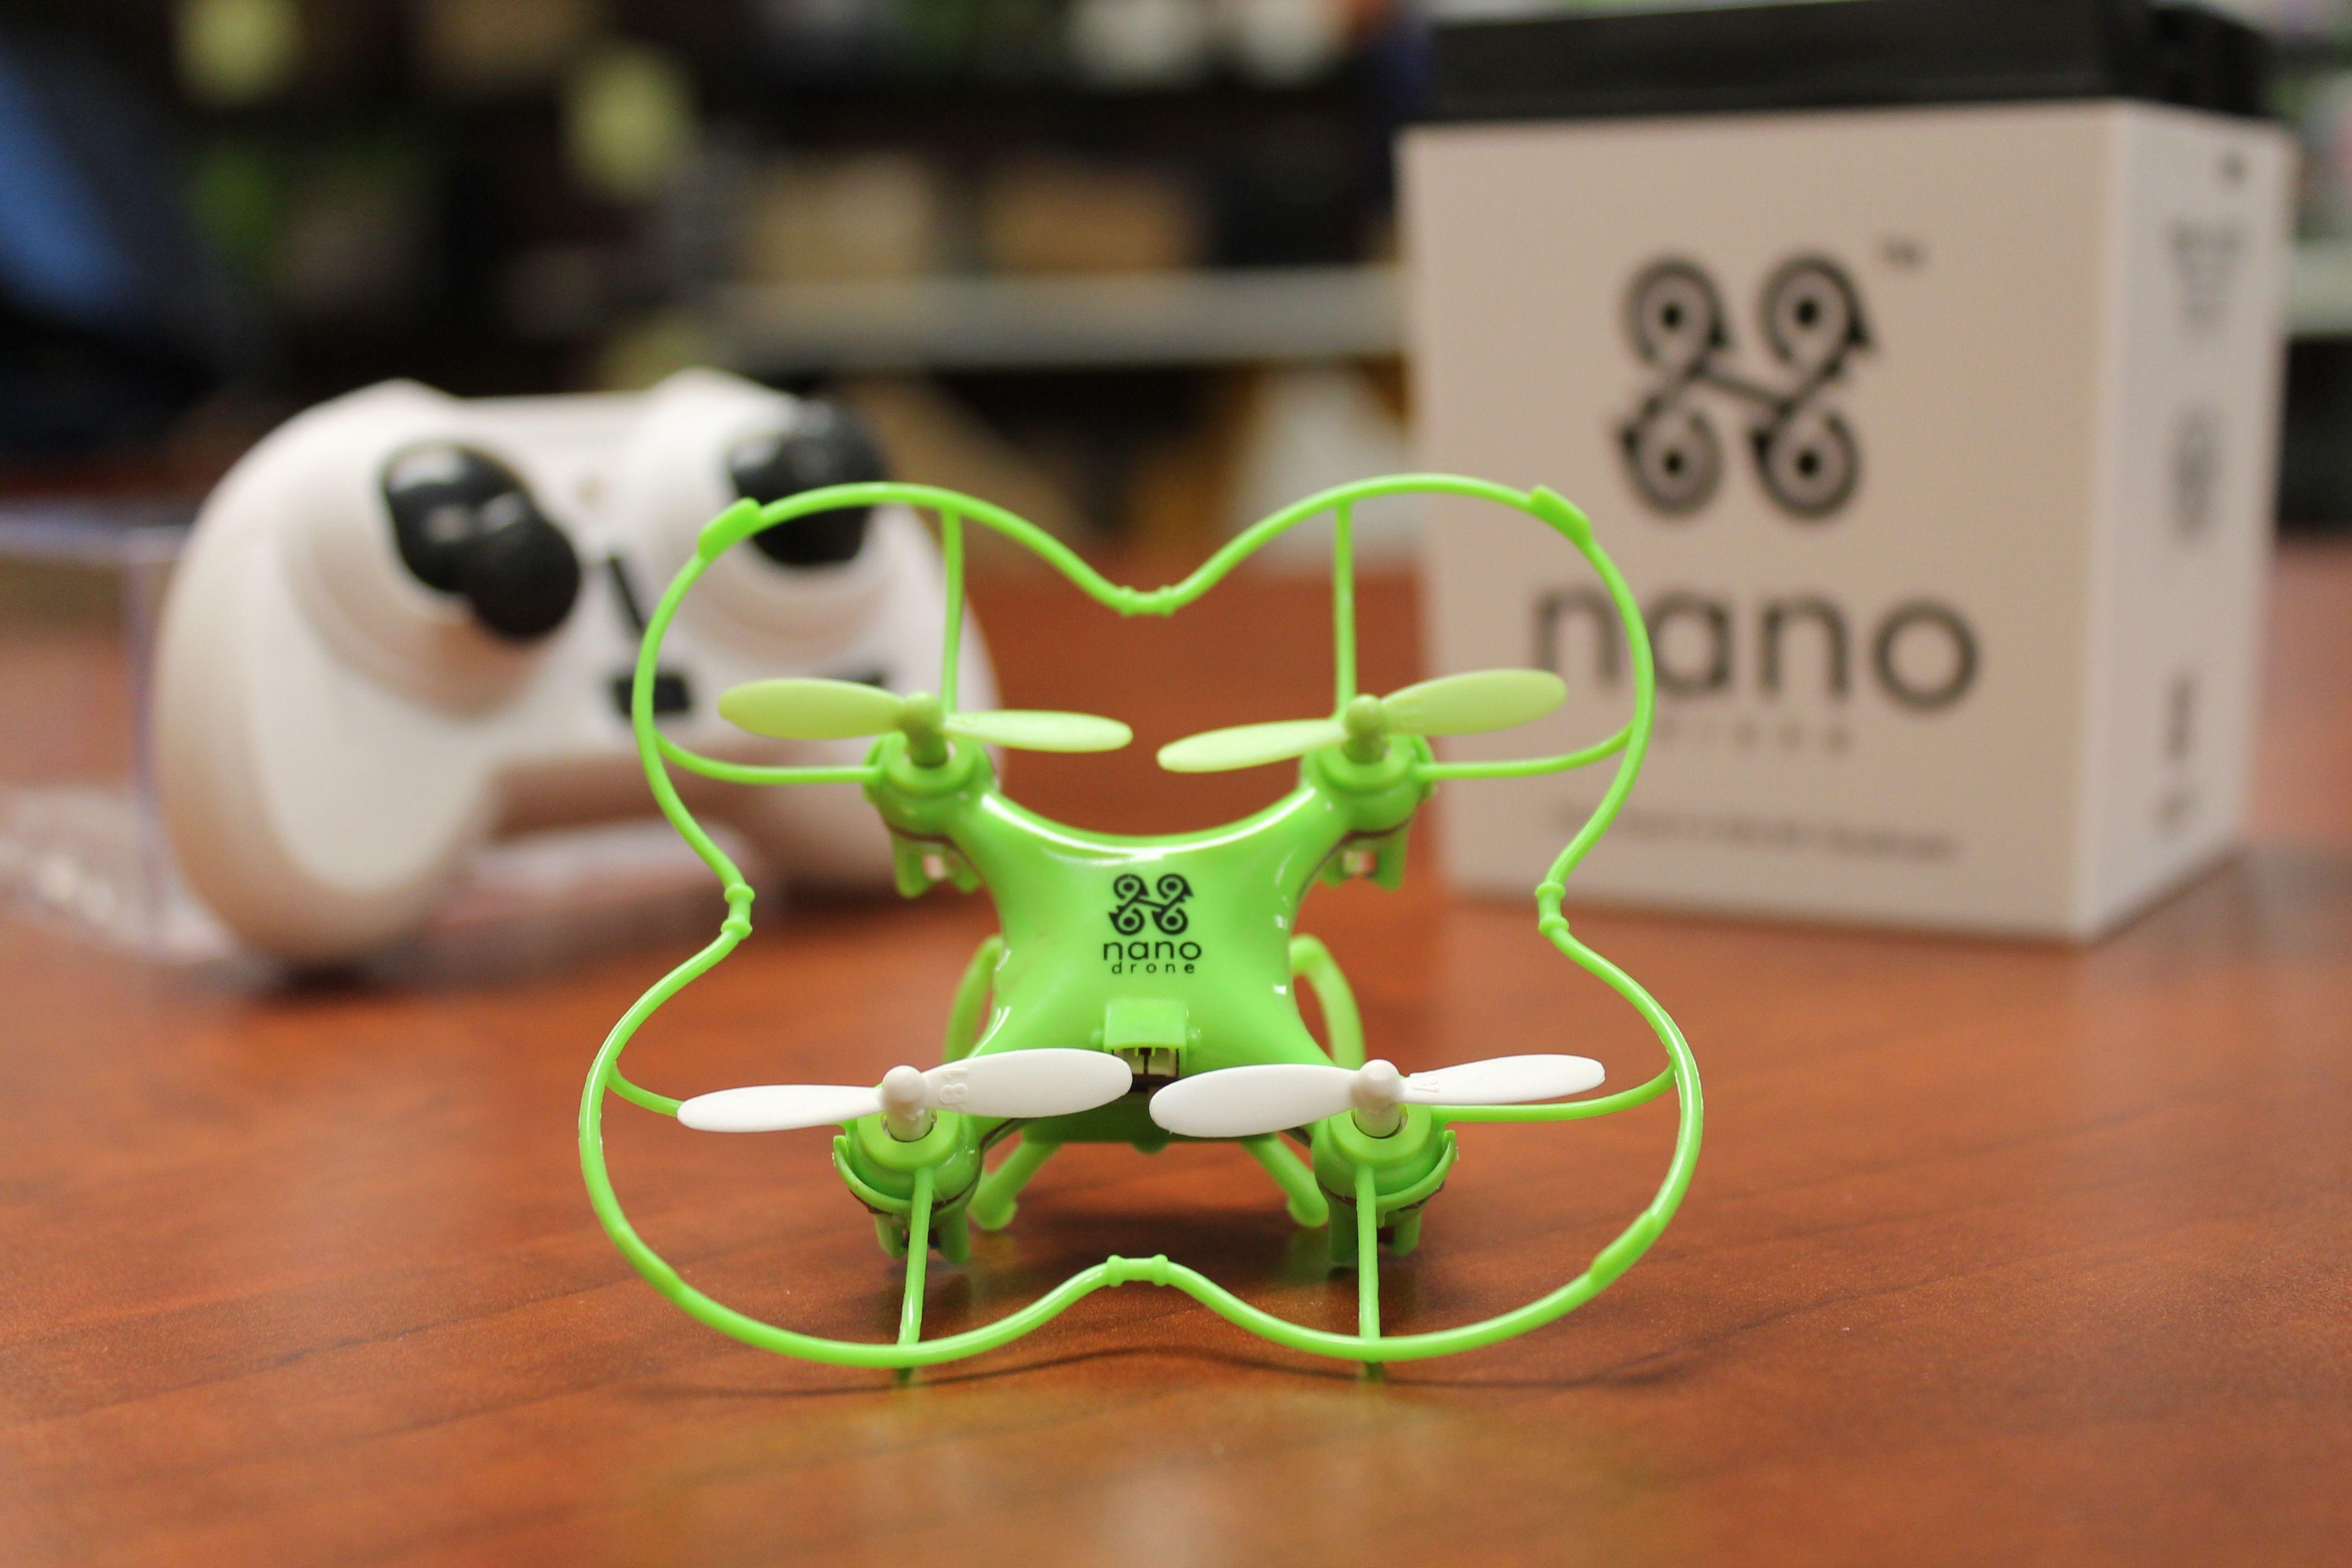 جزیره آرسی ♻ ♻ ♻ ♻ جزیره RC | Small drones, Mini drone